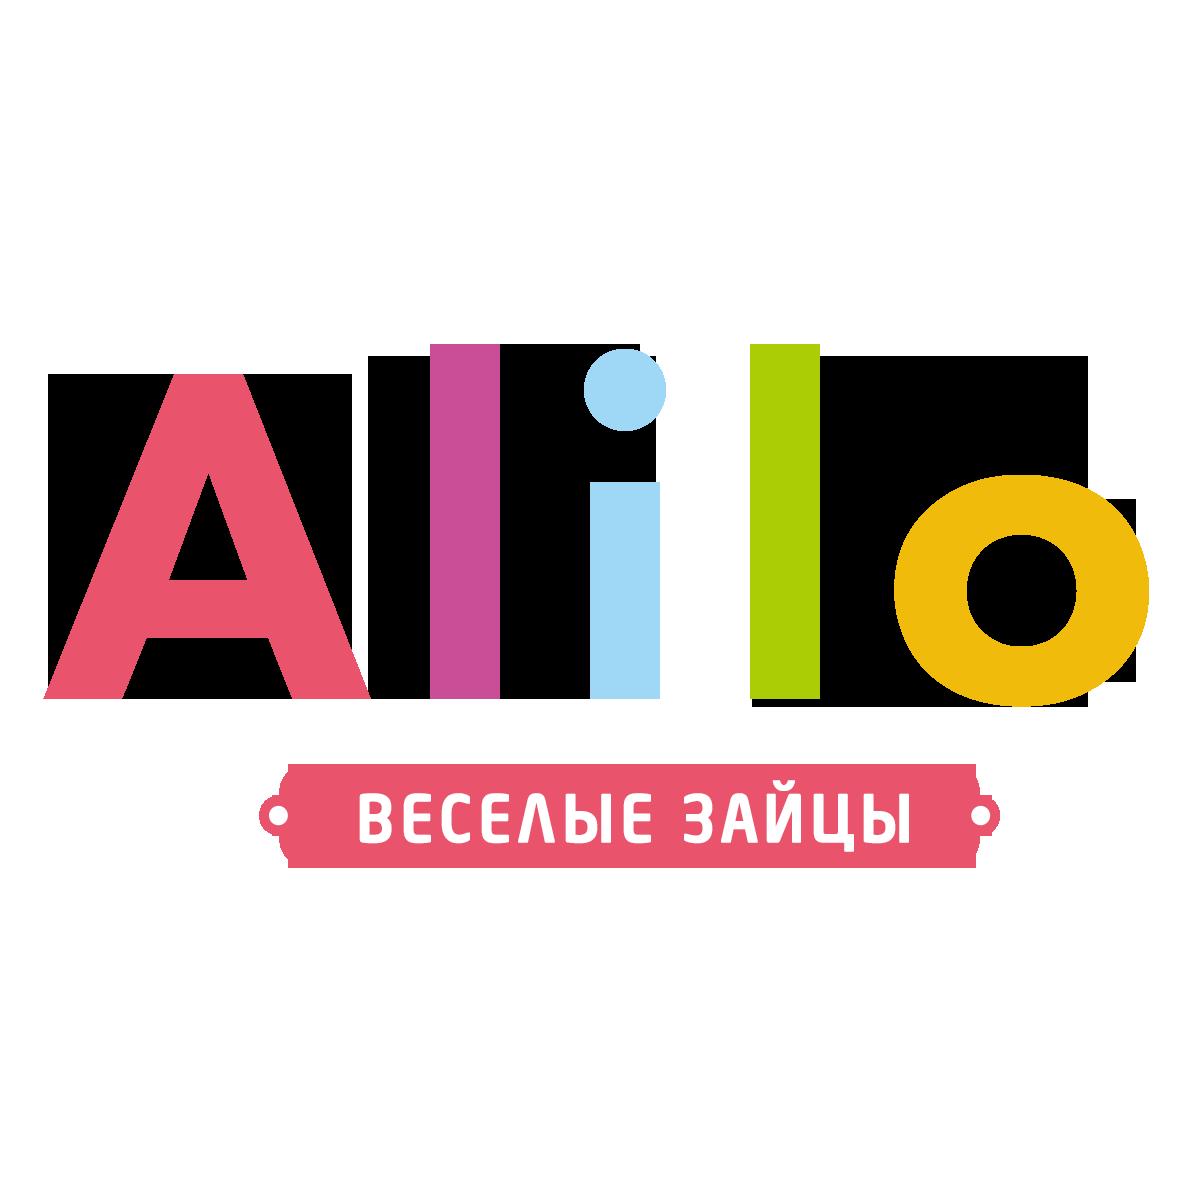 logo1200x1200.png